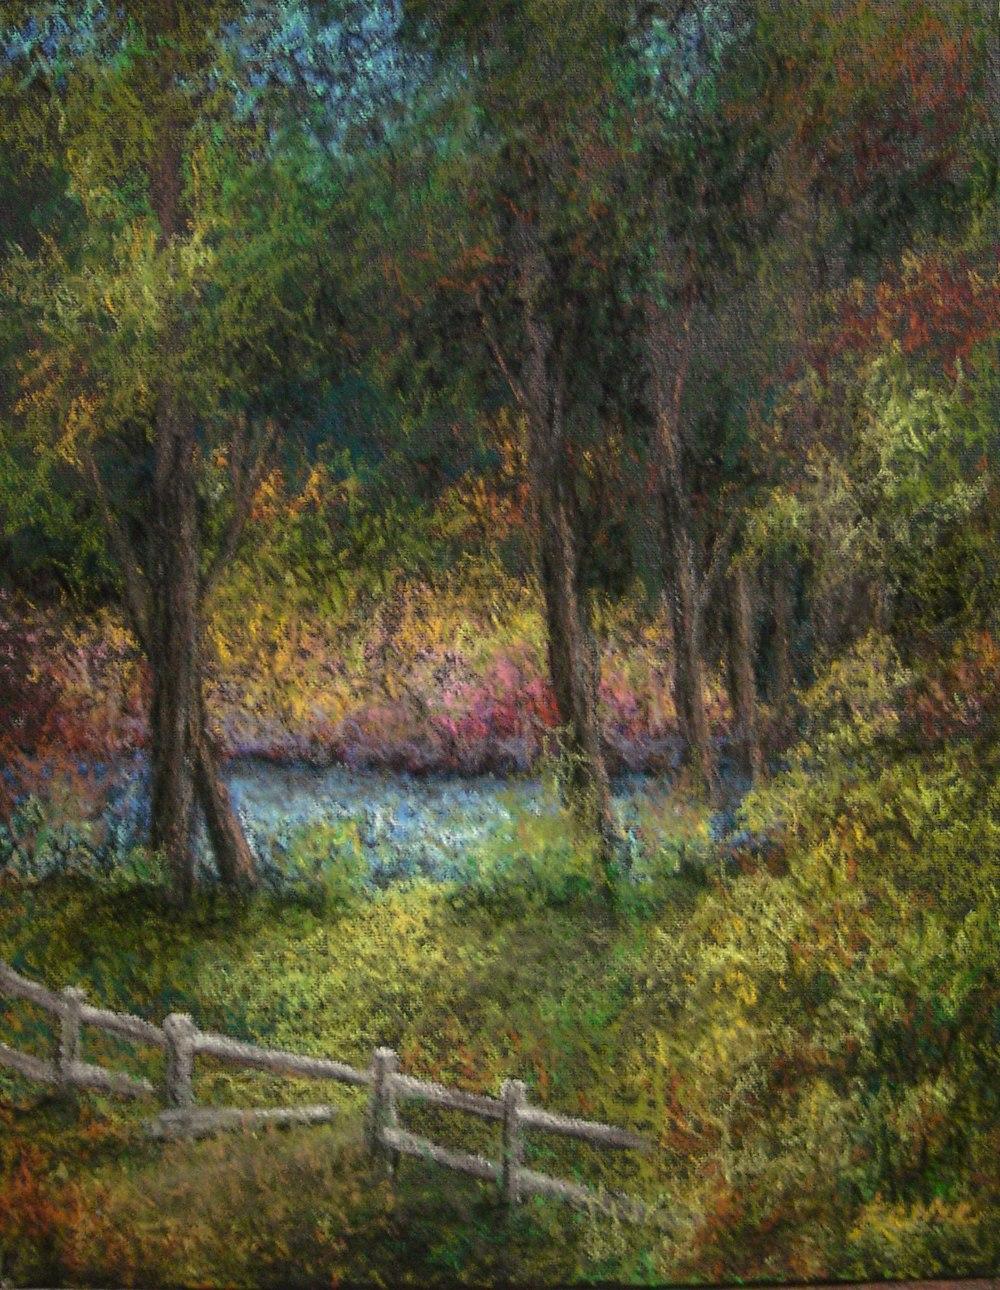 The Lieutenant River